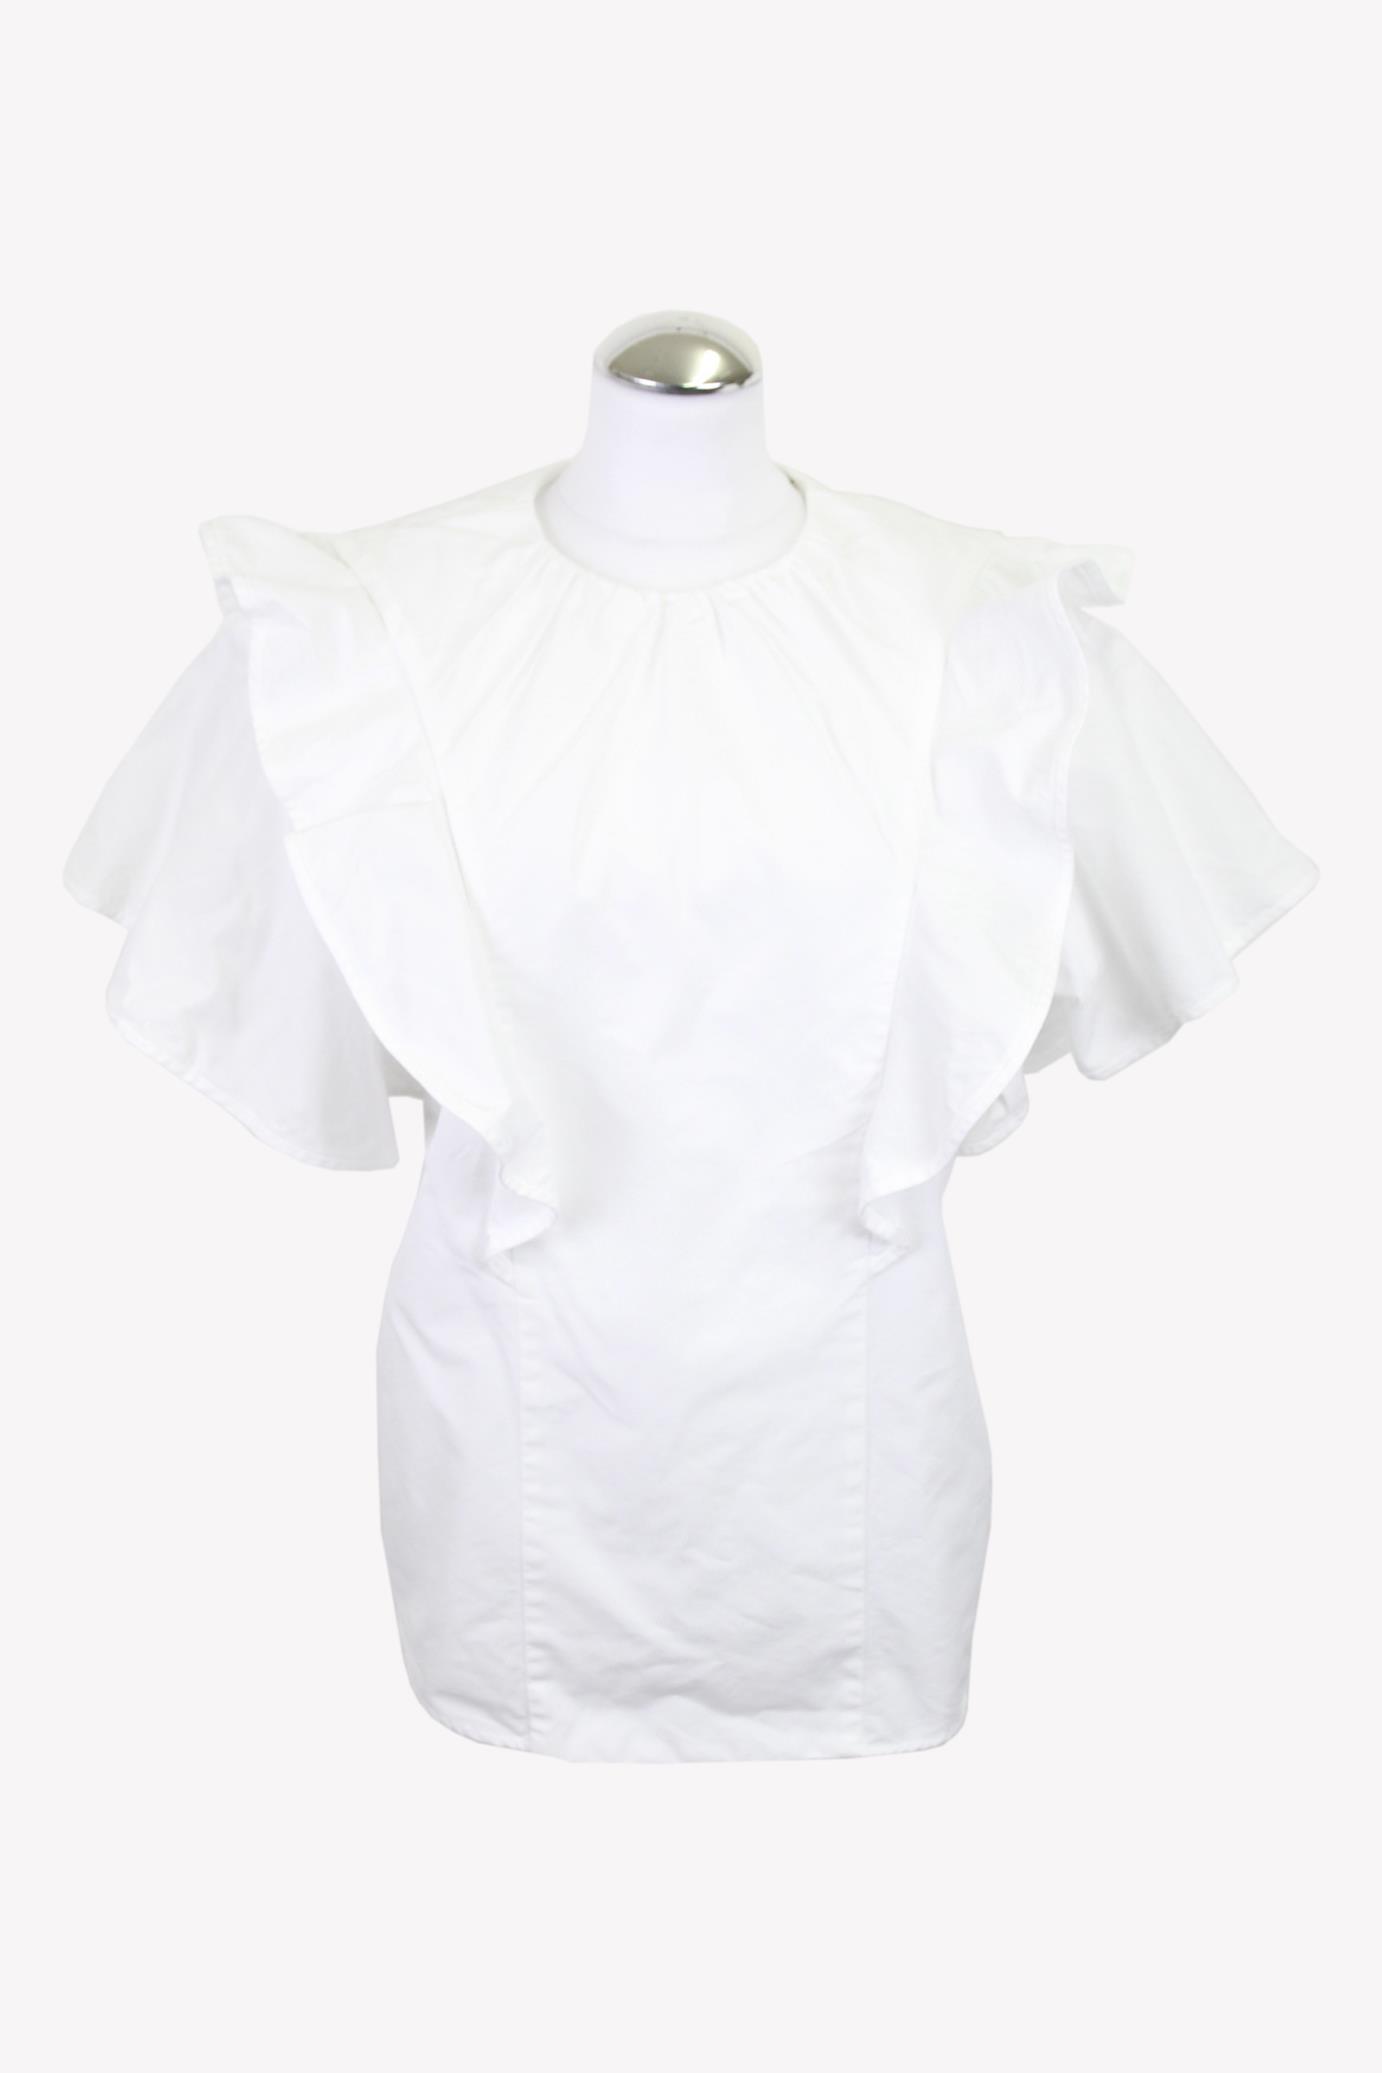 Mulberry Bluse in Weiß aus Baumwolle aus Baumwolle Alle Jahreszeiten.1